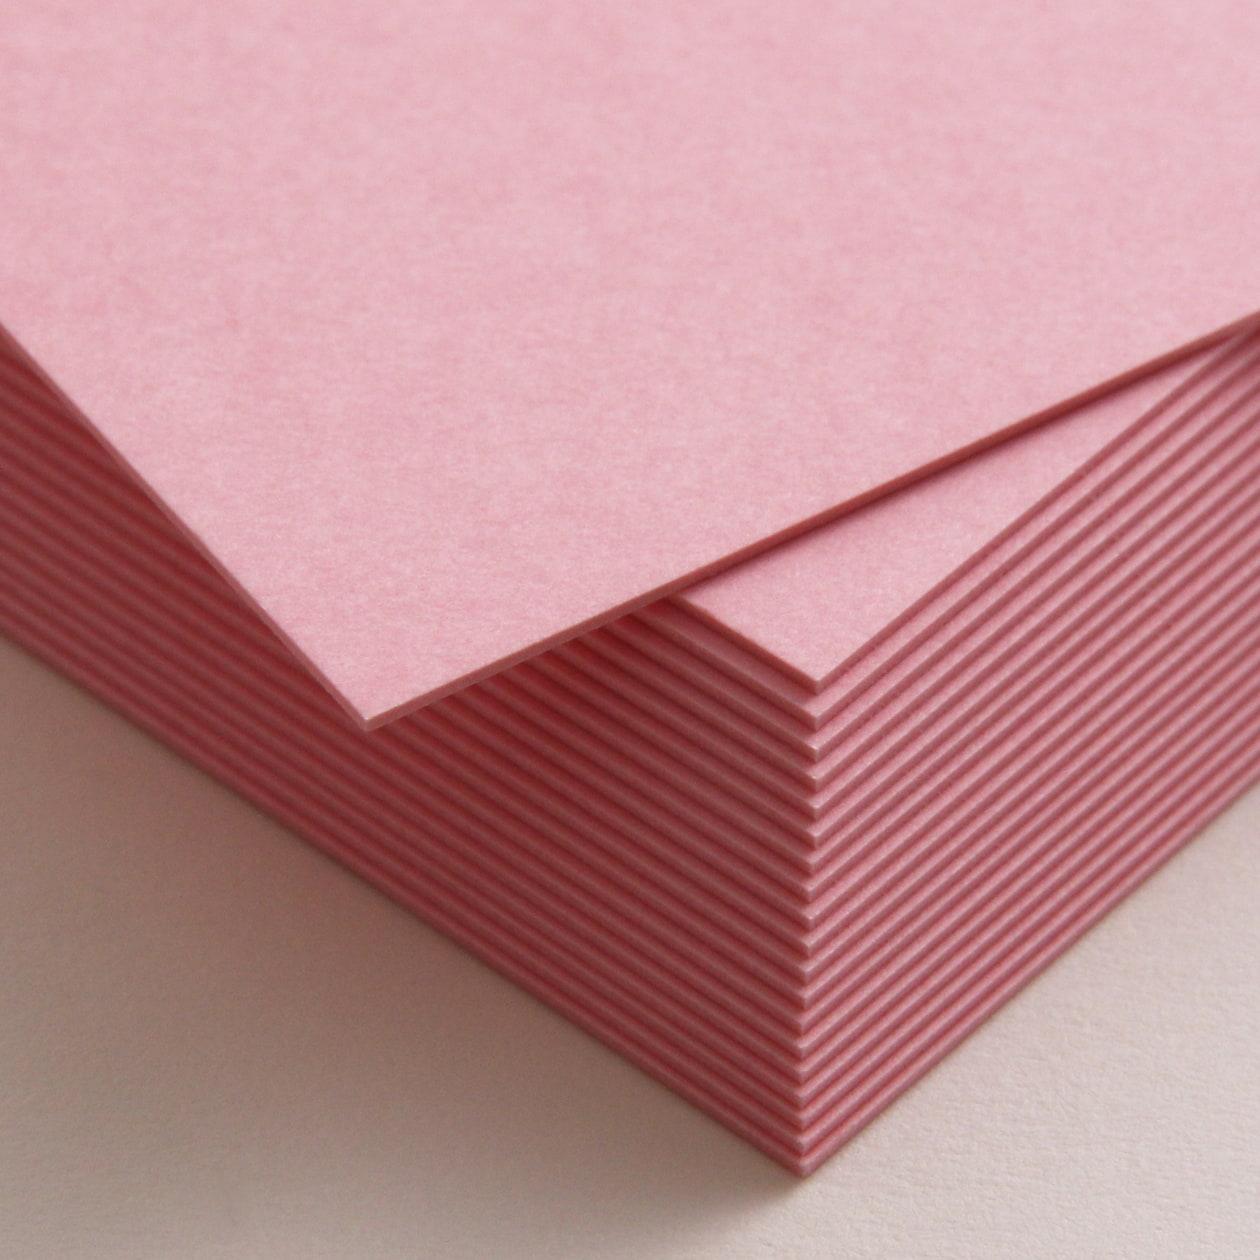 ネームカード ボード紙 ピンク 465g